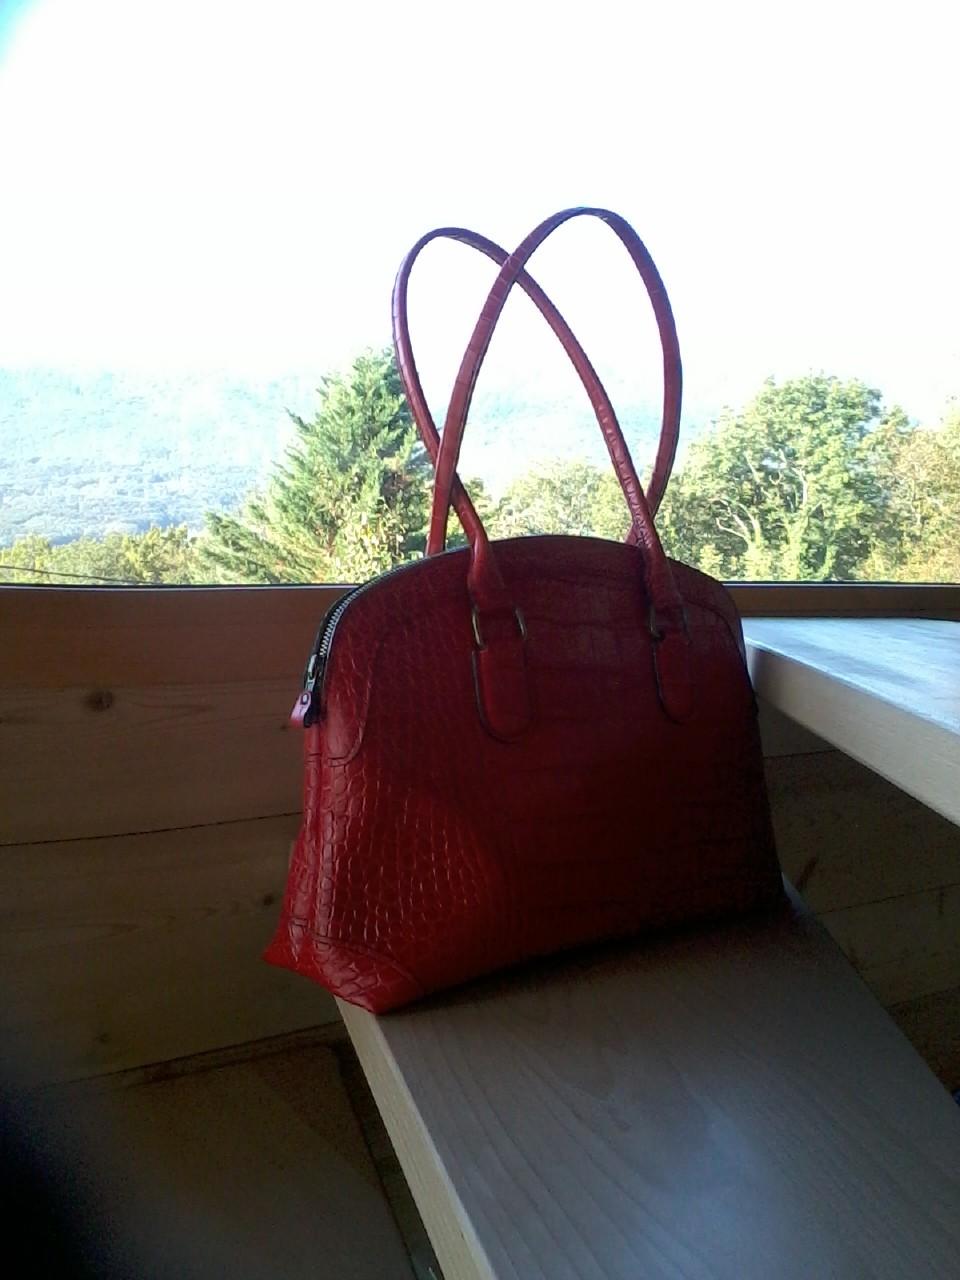 une variante du modèle, là, en cuir vachette rouge imitation crocodile